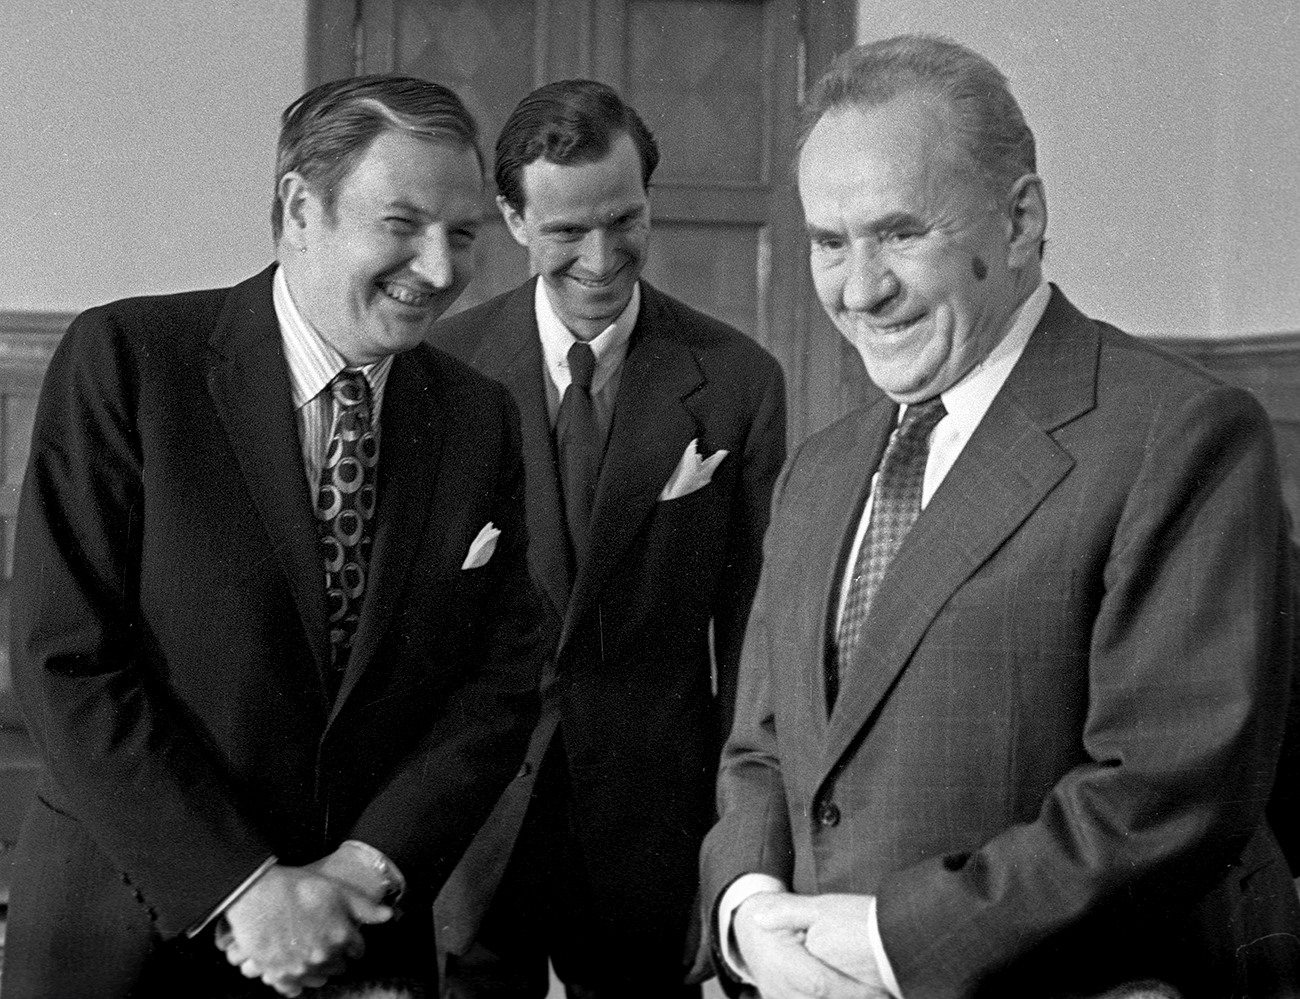 O presidente do Conselho de Ministros da URSS Aleksêi Kosiguin (dir.) se encontra no Kremlin com Rockefeller (esq.) em 1973 / Foto: Iúri Ivanov/RIA Nôvosti